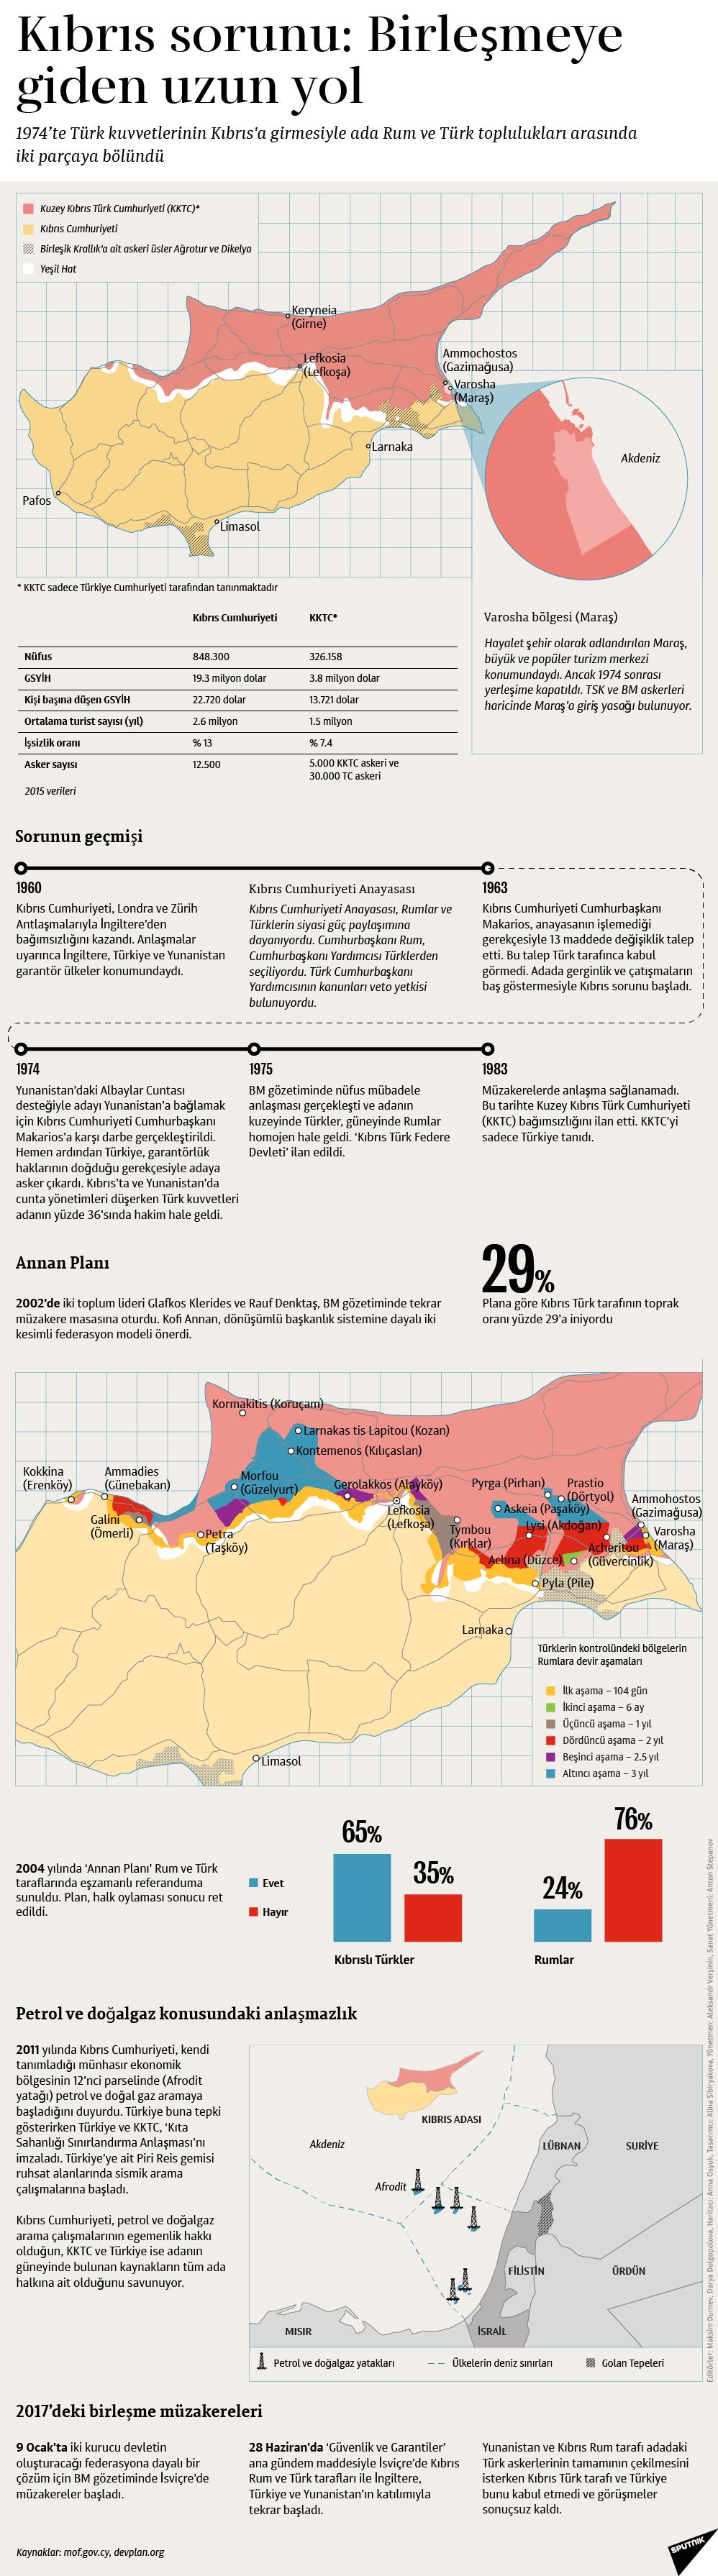 Kıbrıs sorunu: Birleşmeye giden uzun yol